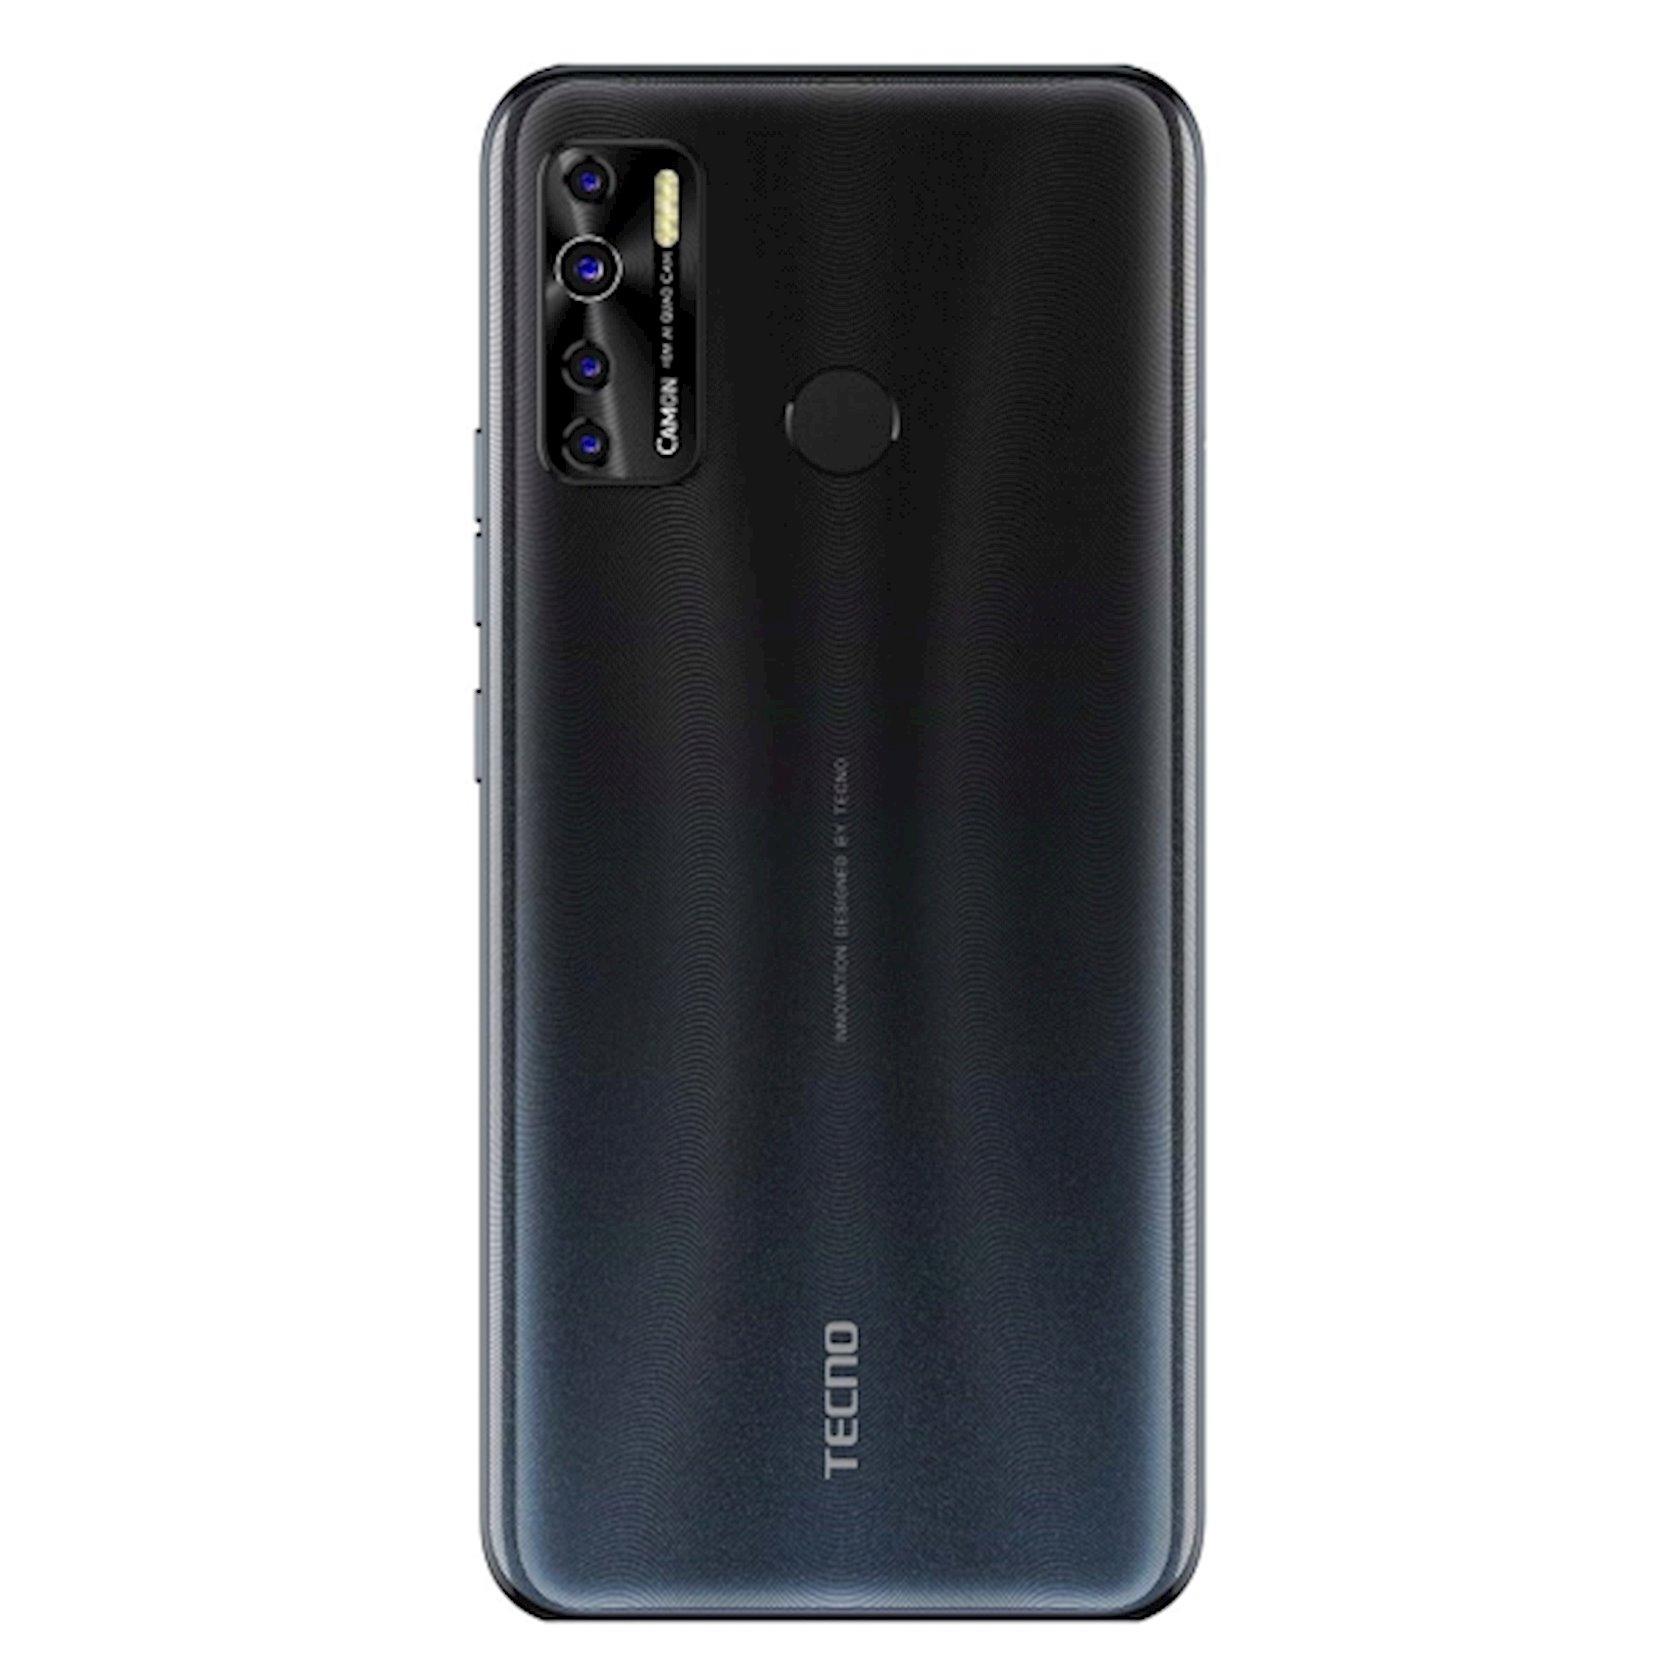 Smartfon Tecno CD6 Camon 15 Air 3/64GB Misty Grey